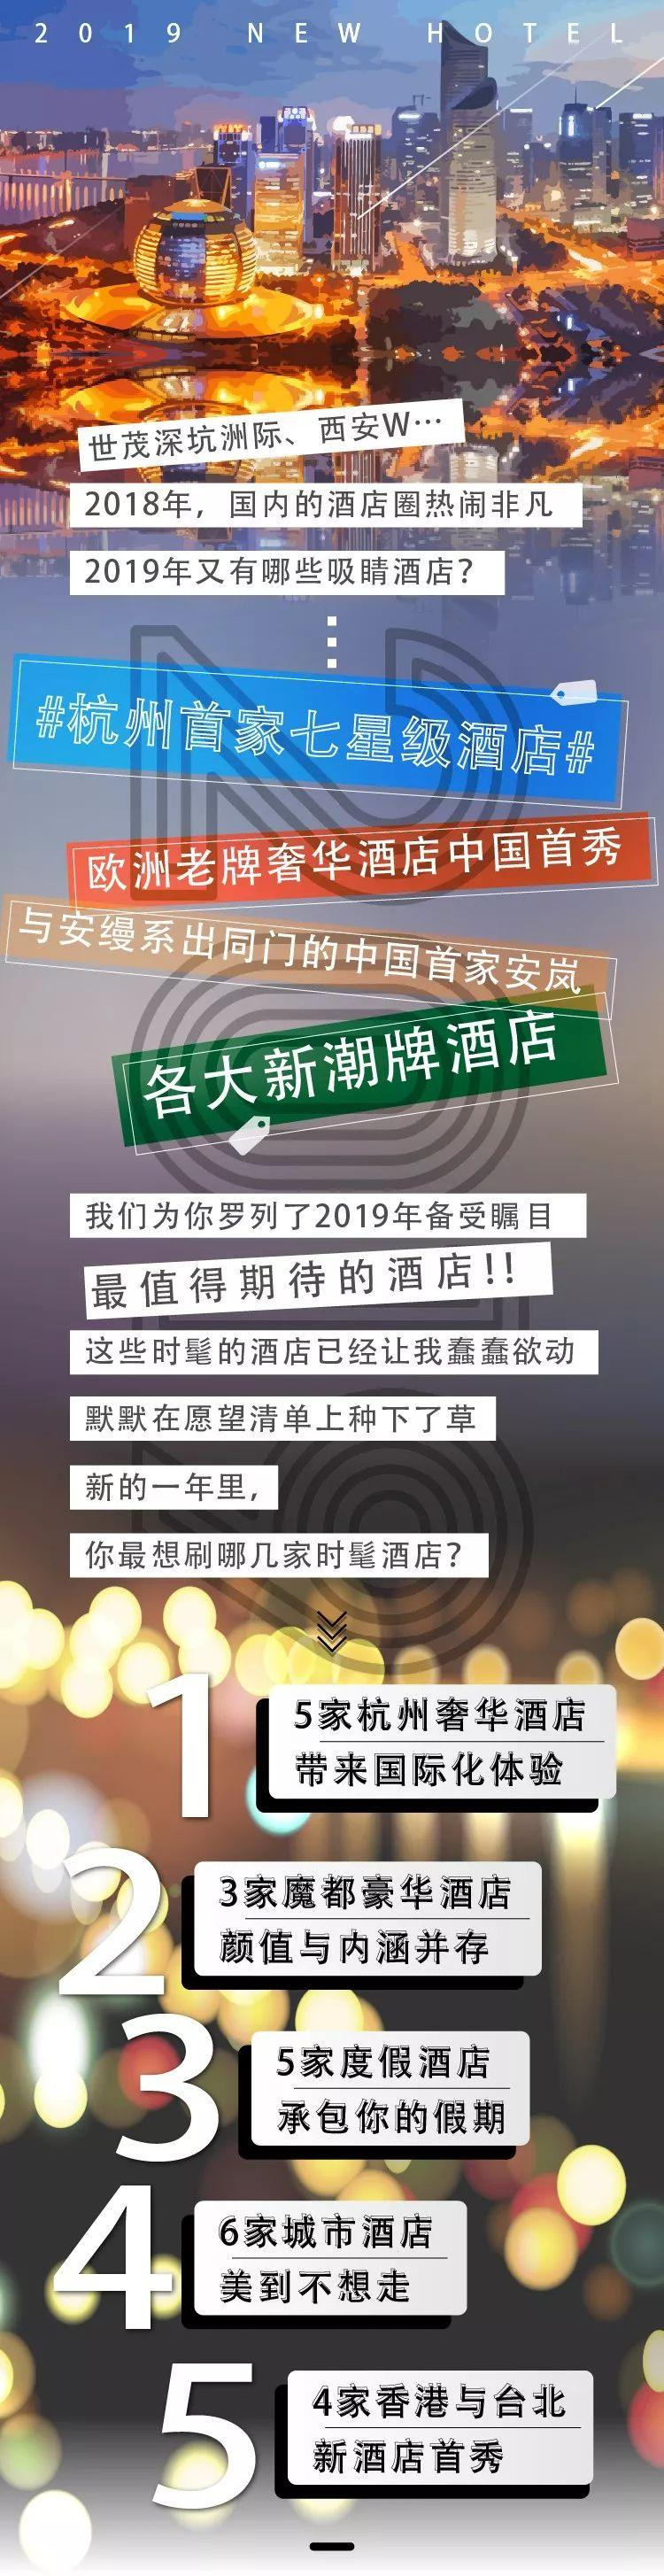 2019年,中国要新开这23家奢华酒店。(图2)